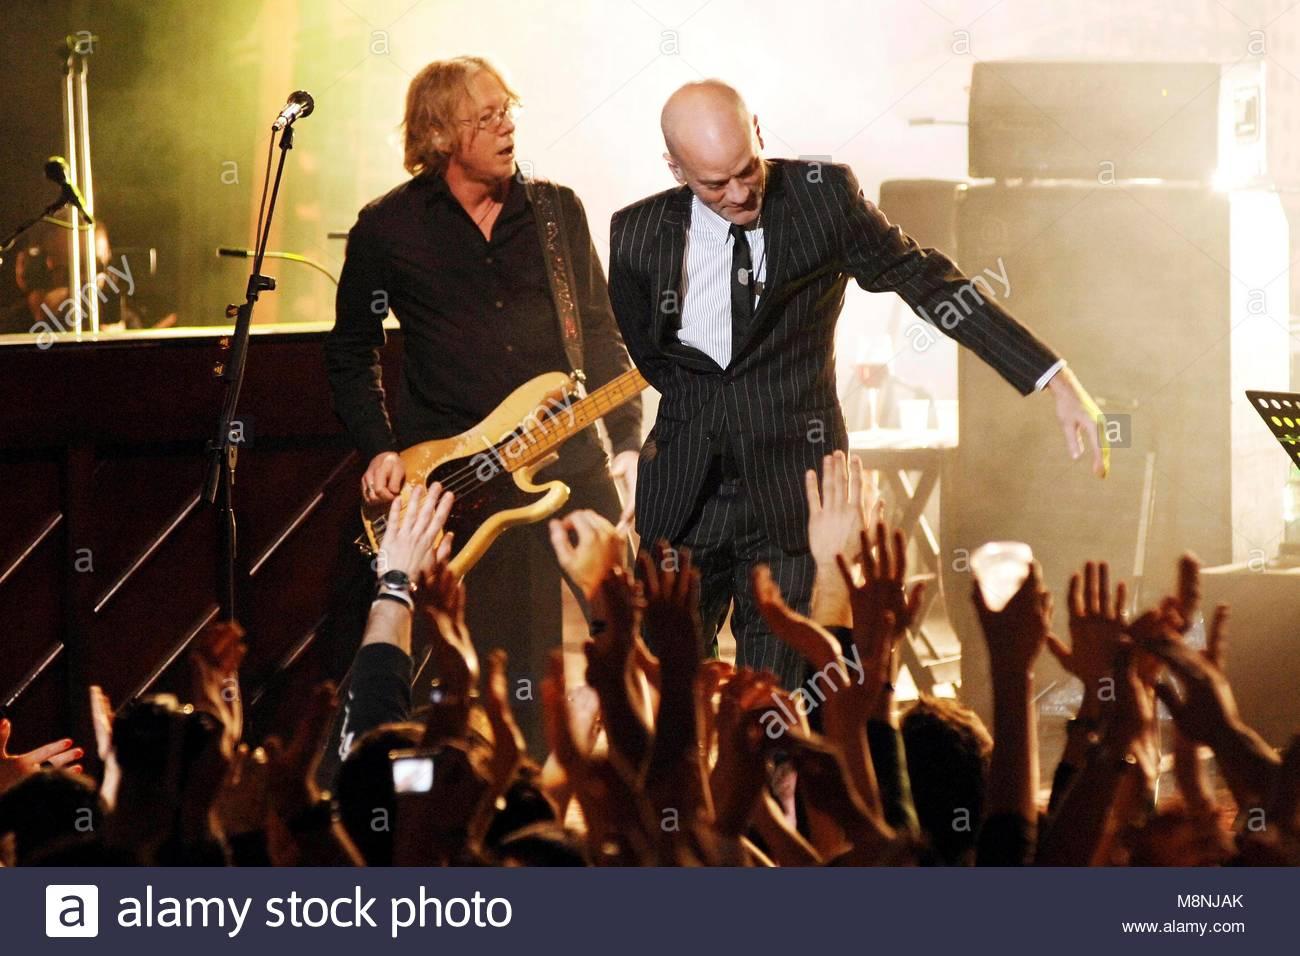 michael stipe, rem in concert, milano 18-03-2008 - Stock Image